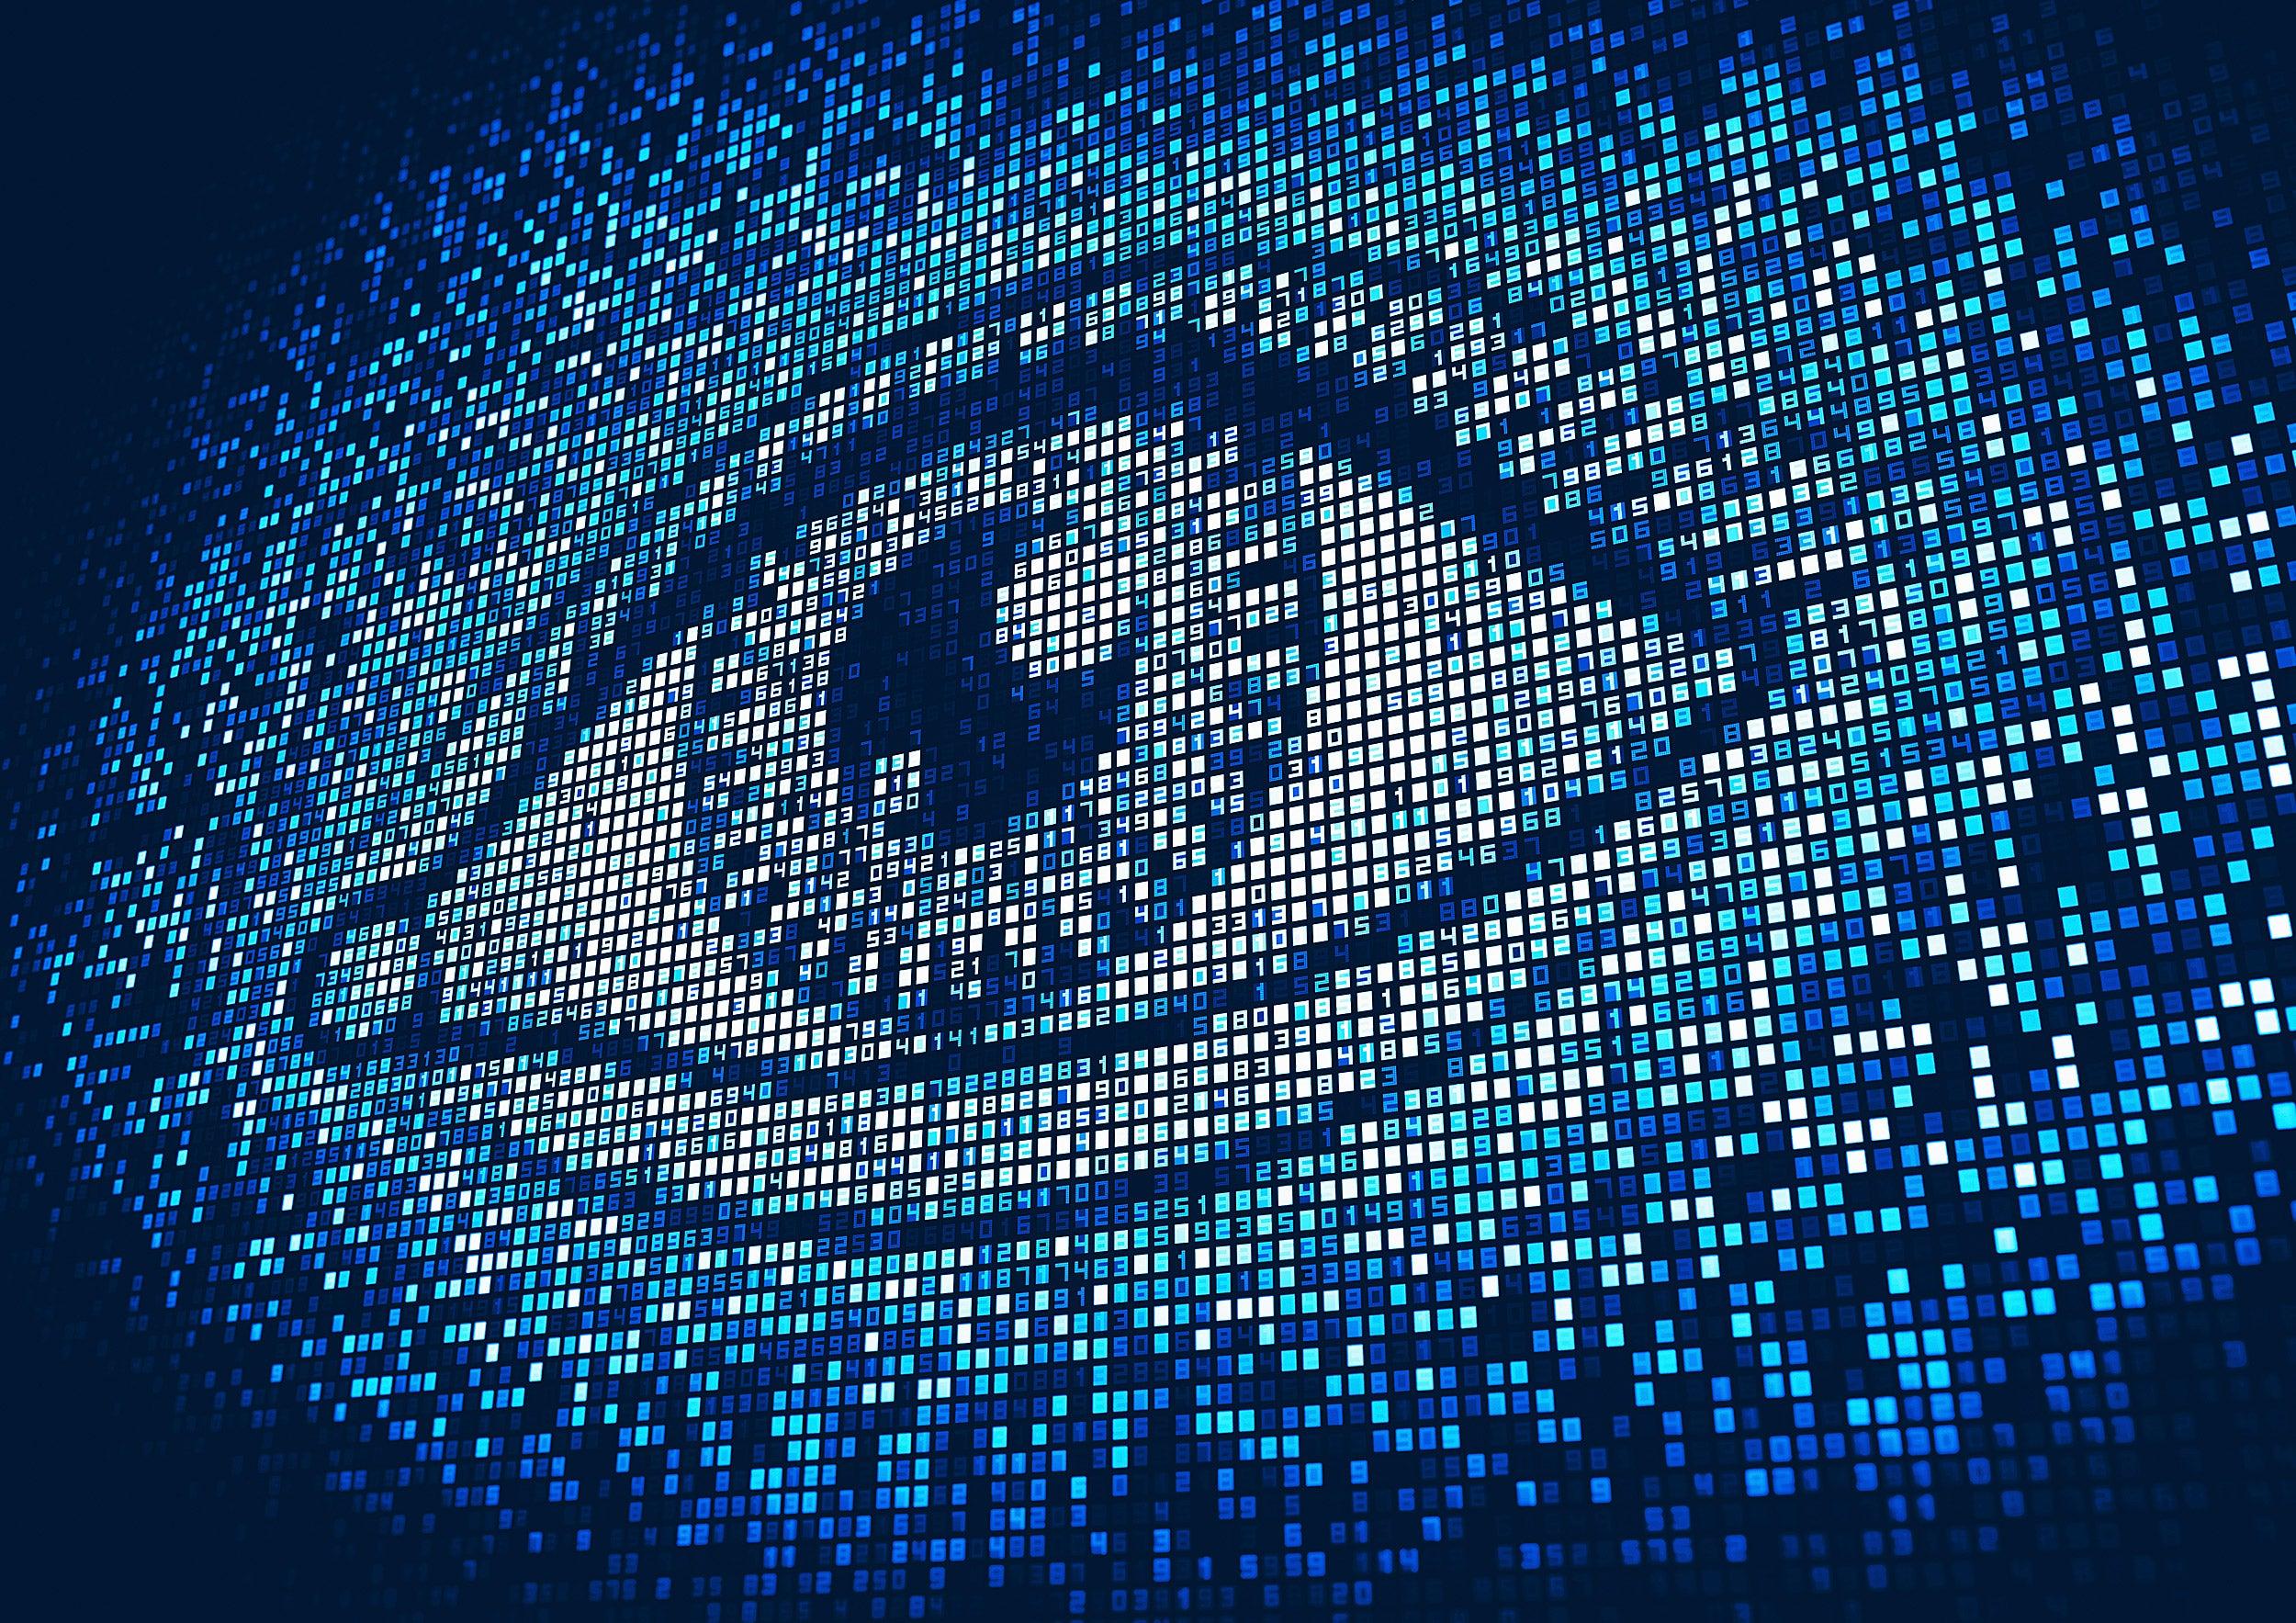 Eye lit up on digital display screen.